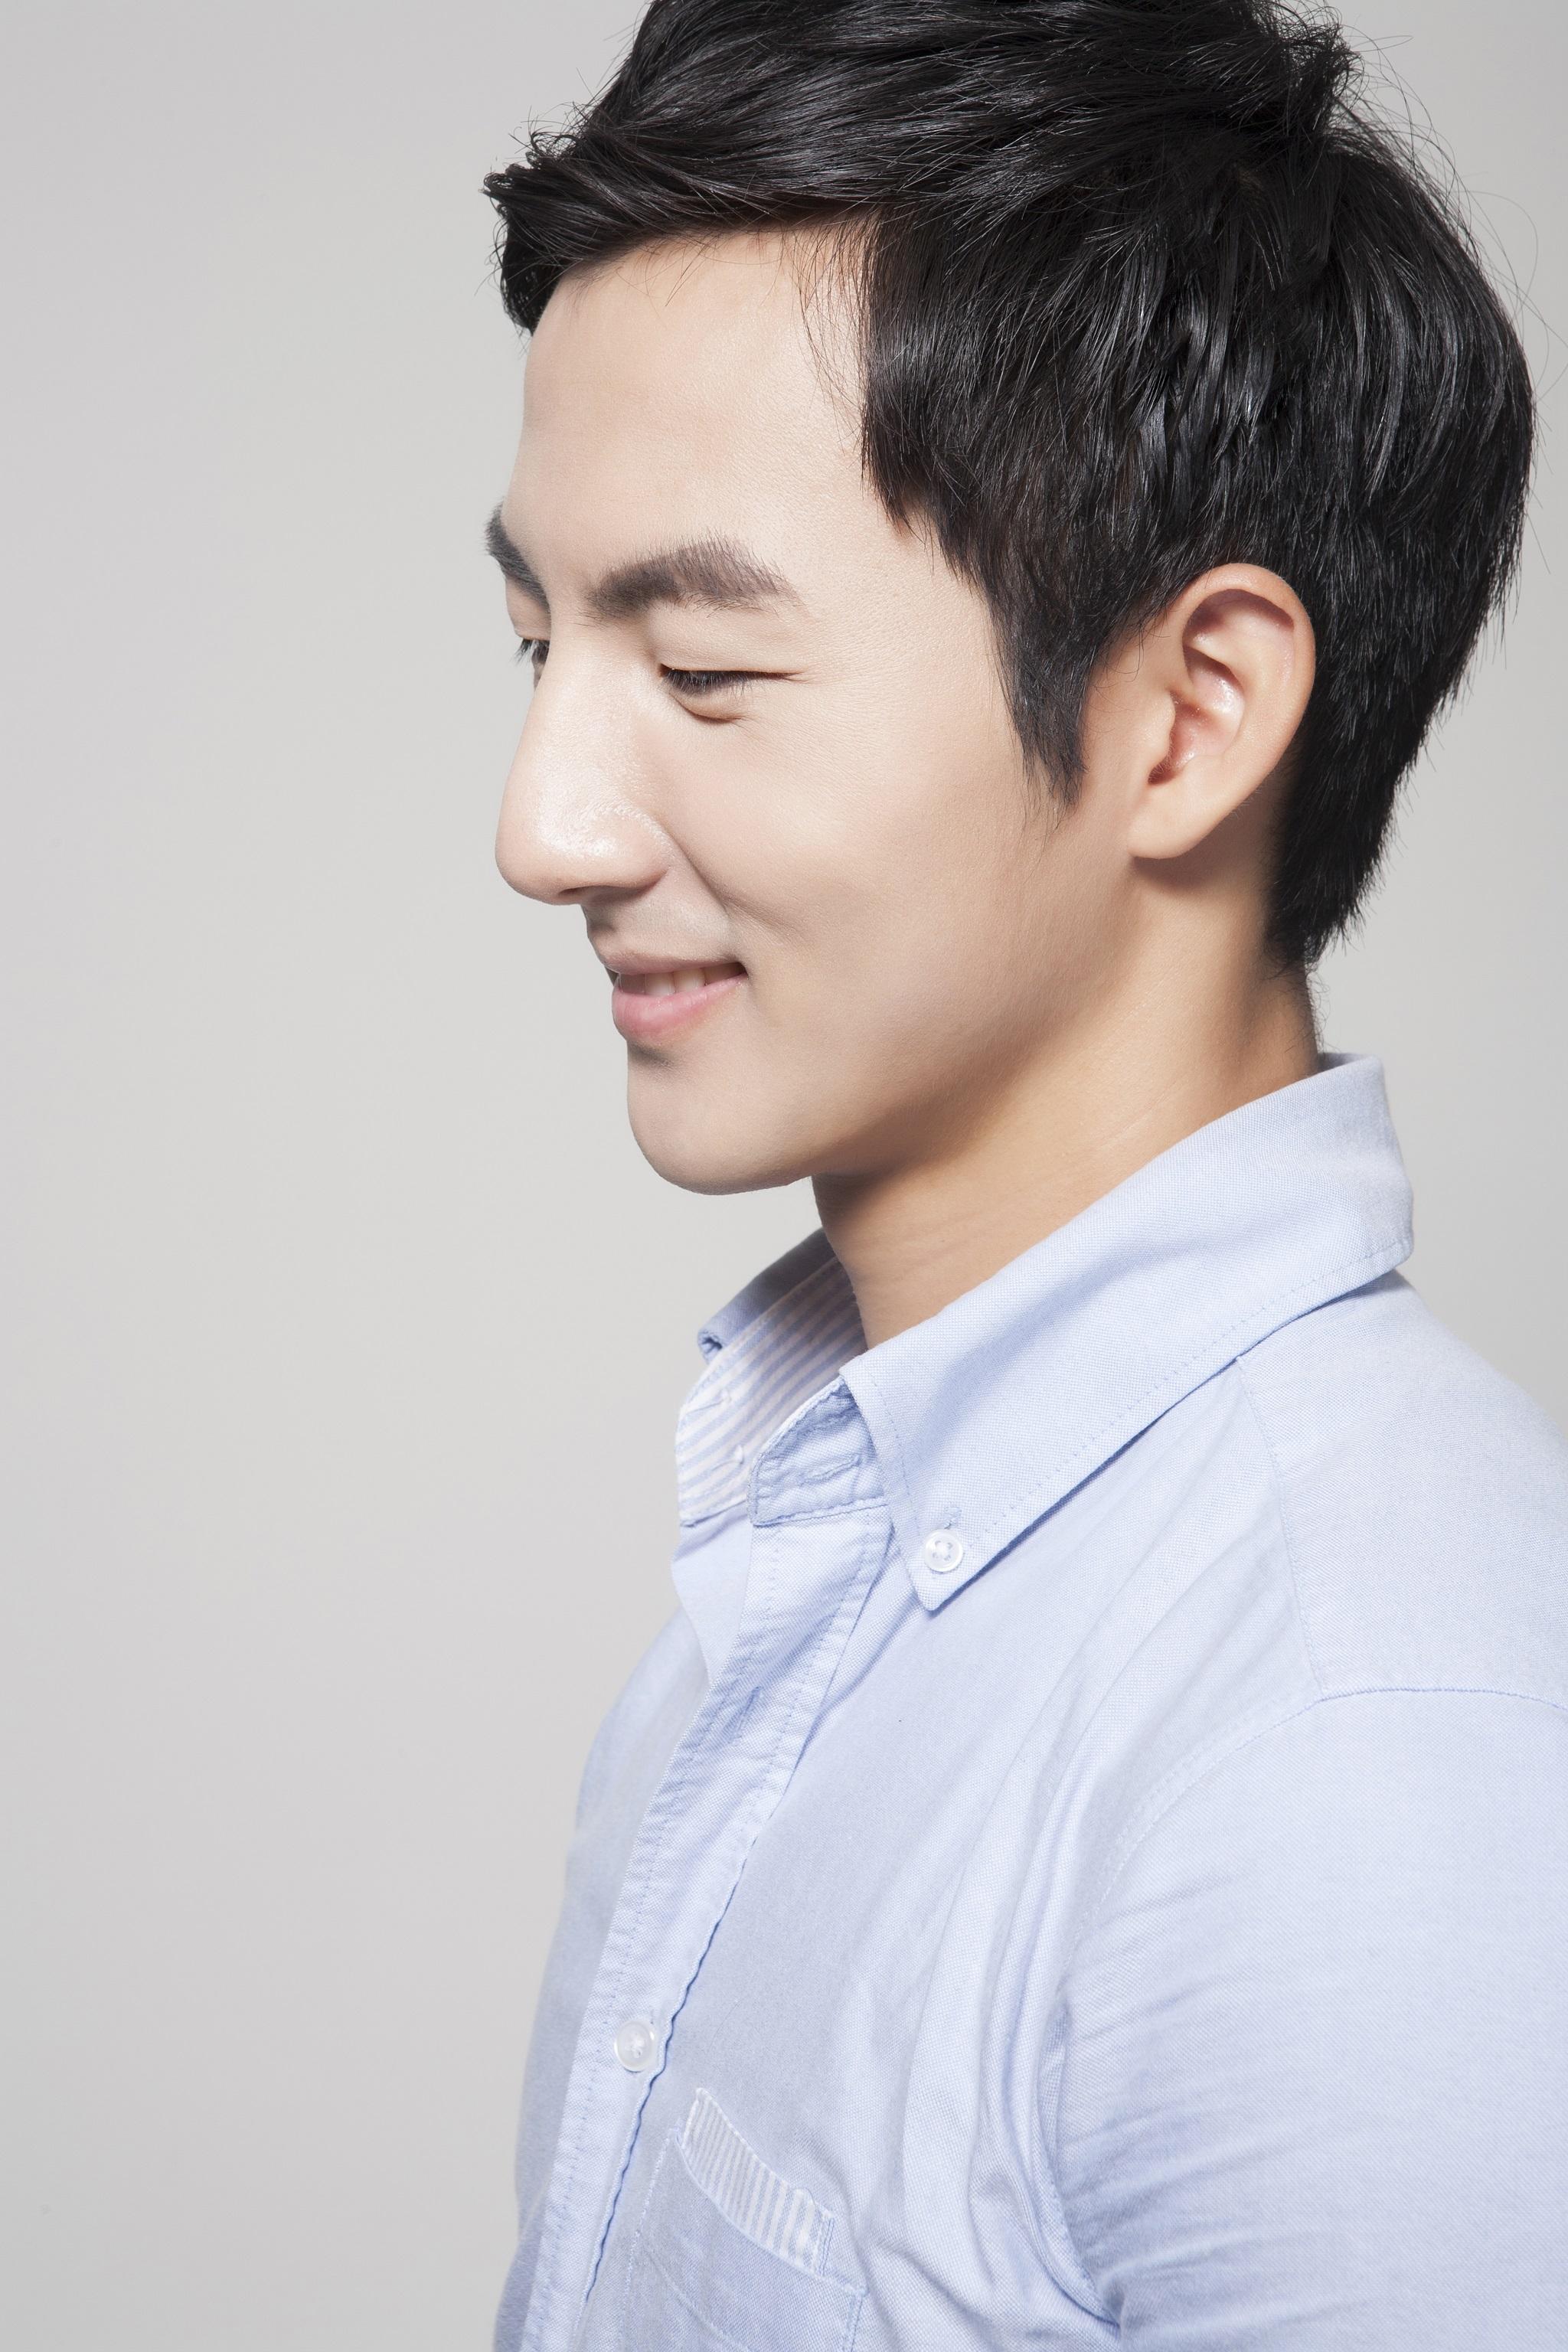 Model Factory Korean Male Model KimBS